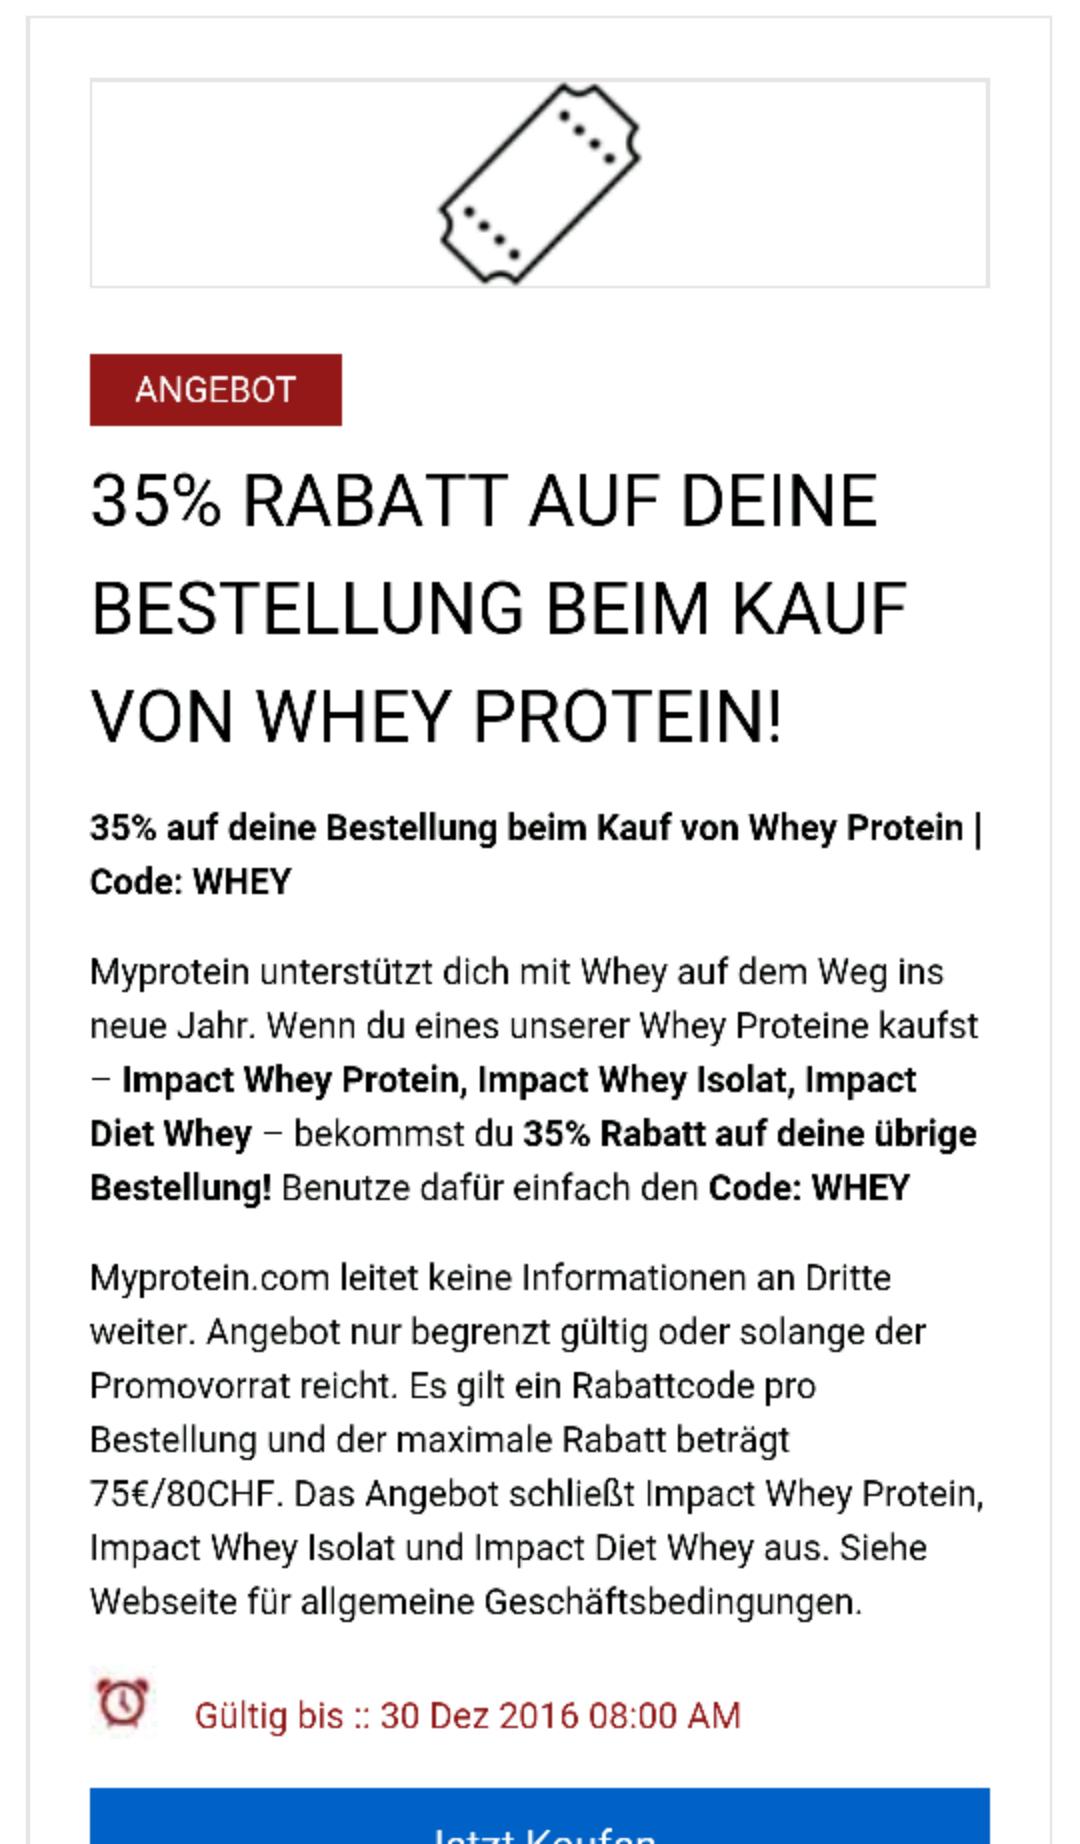 Beim Kauf eines Whey Proteins 35% auf die restliche Bestellung erhalten